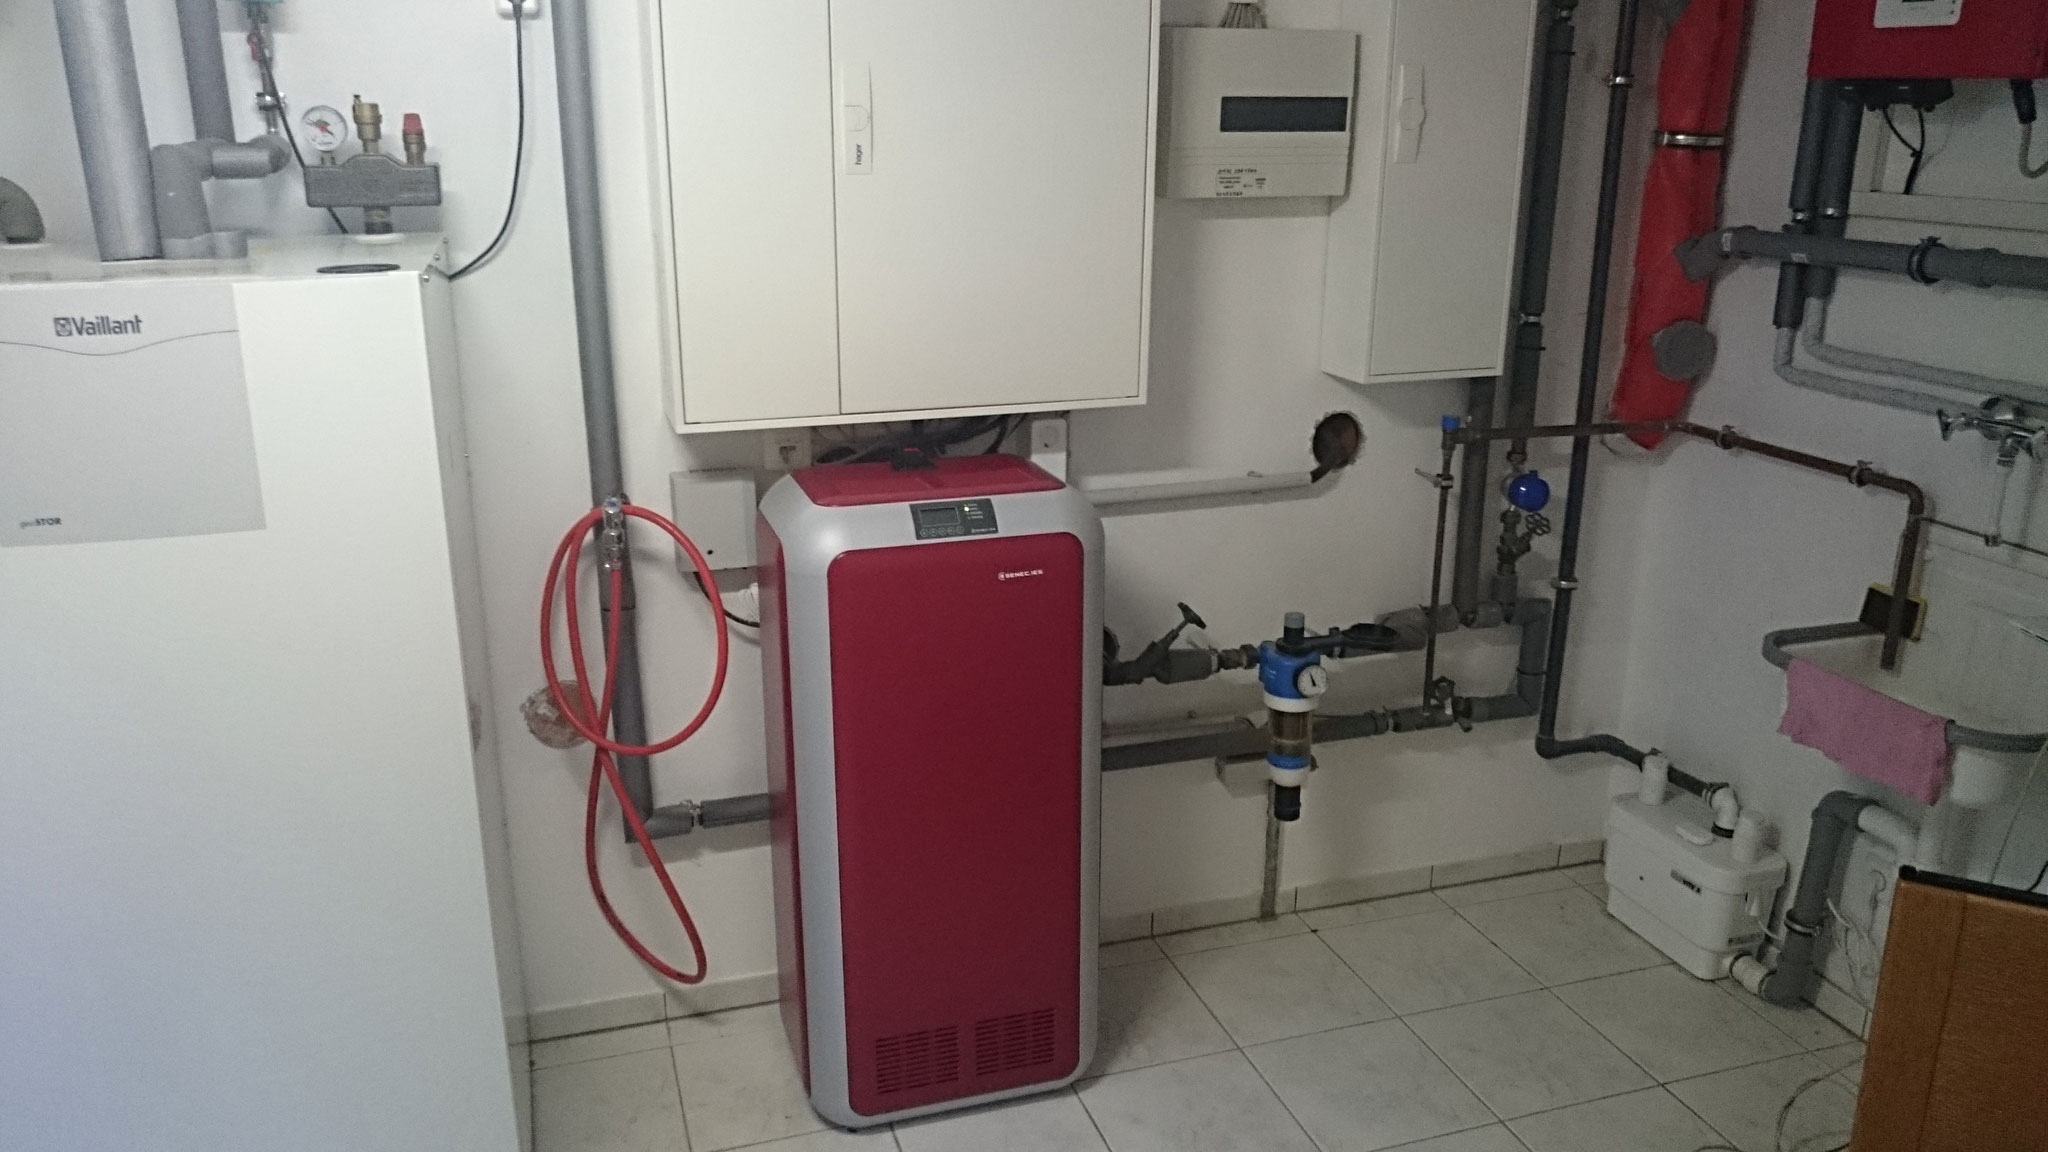 Nachrüstung eines 5 kWh Li Senec Speicher inkl. SENEC.CLOUD 2.0 in Verbindung mit der Wärmepumencloud in Berlin Lichterfelde